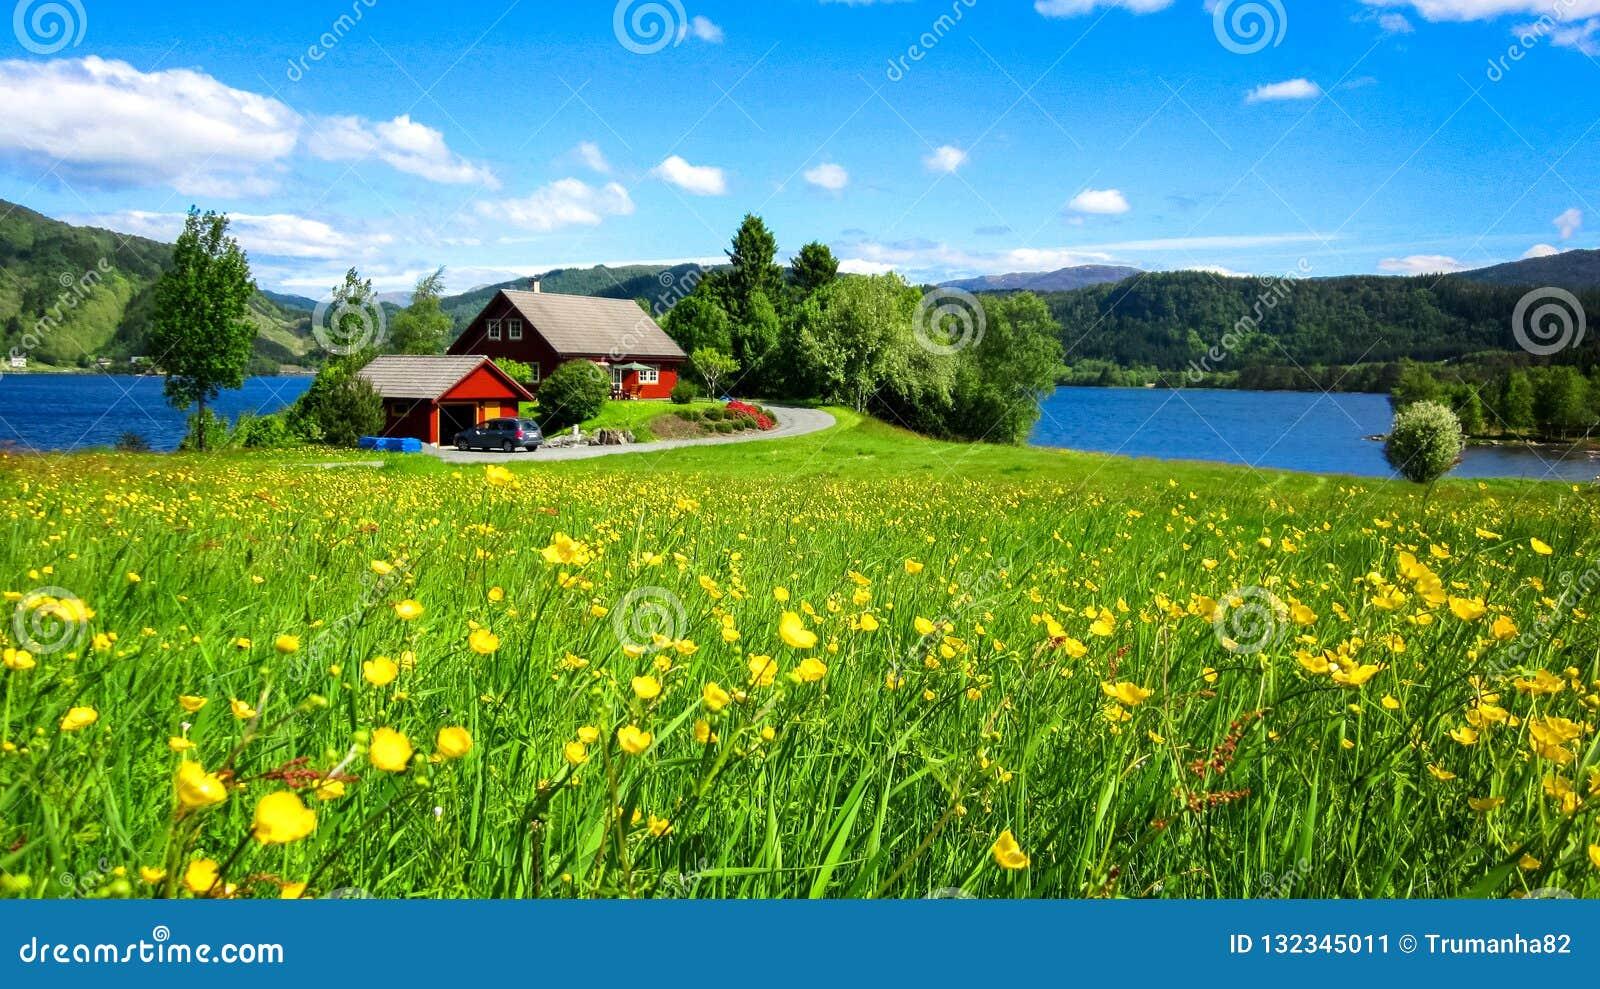 Ландшафт весны с лугом диких желтых цветков лютика и красивым красным домом озером в солнечном свете